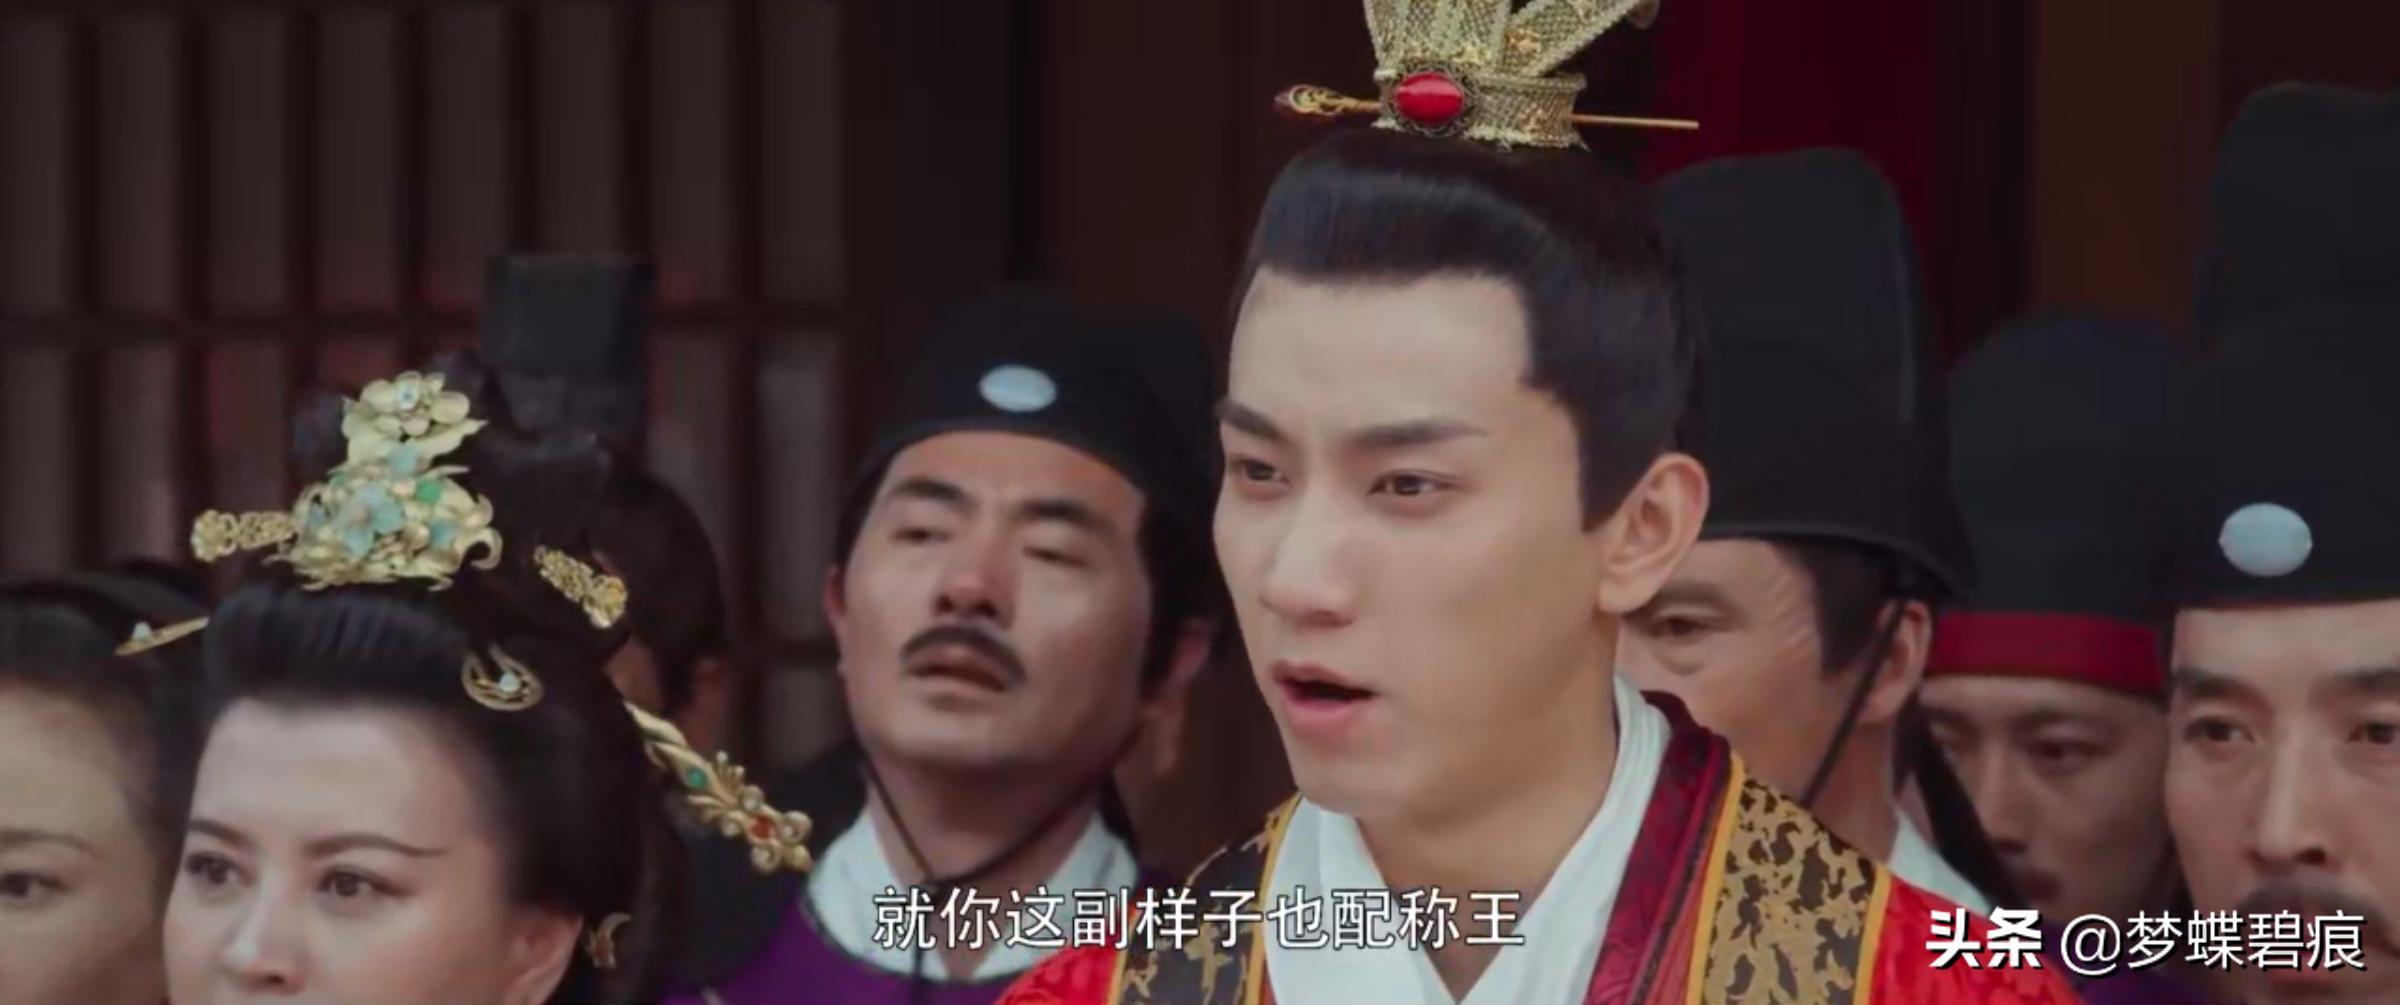 御赐小仵作,高能大结局,薛汝成不是昌王,但皇帝大概是真凶手